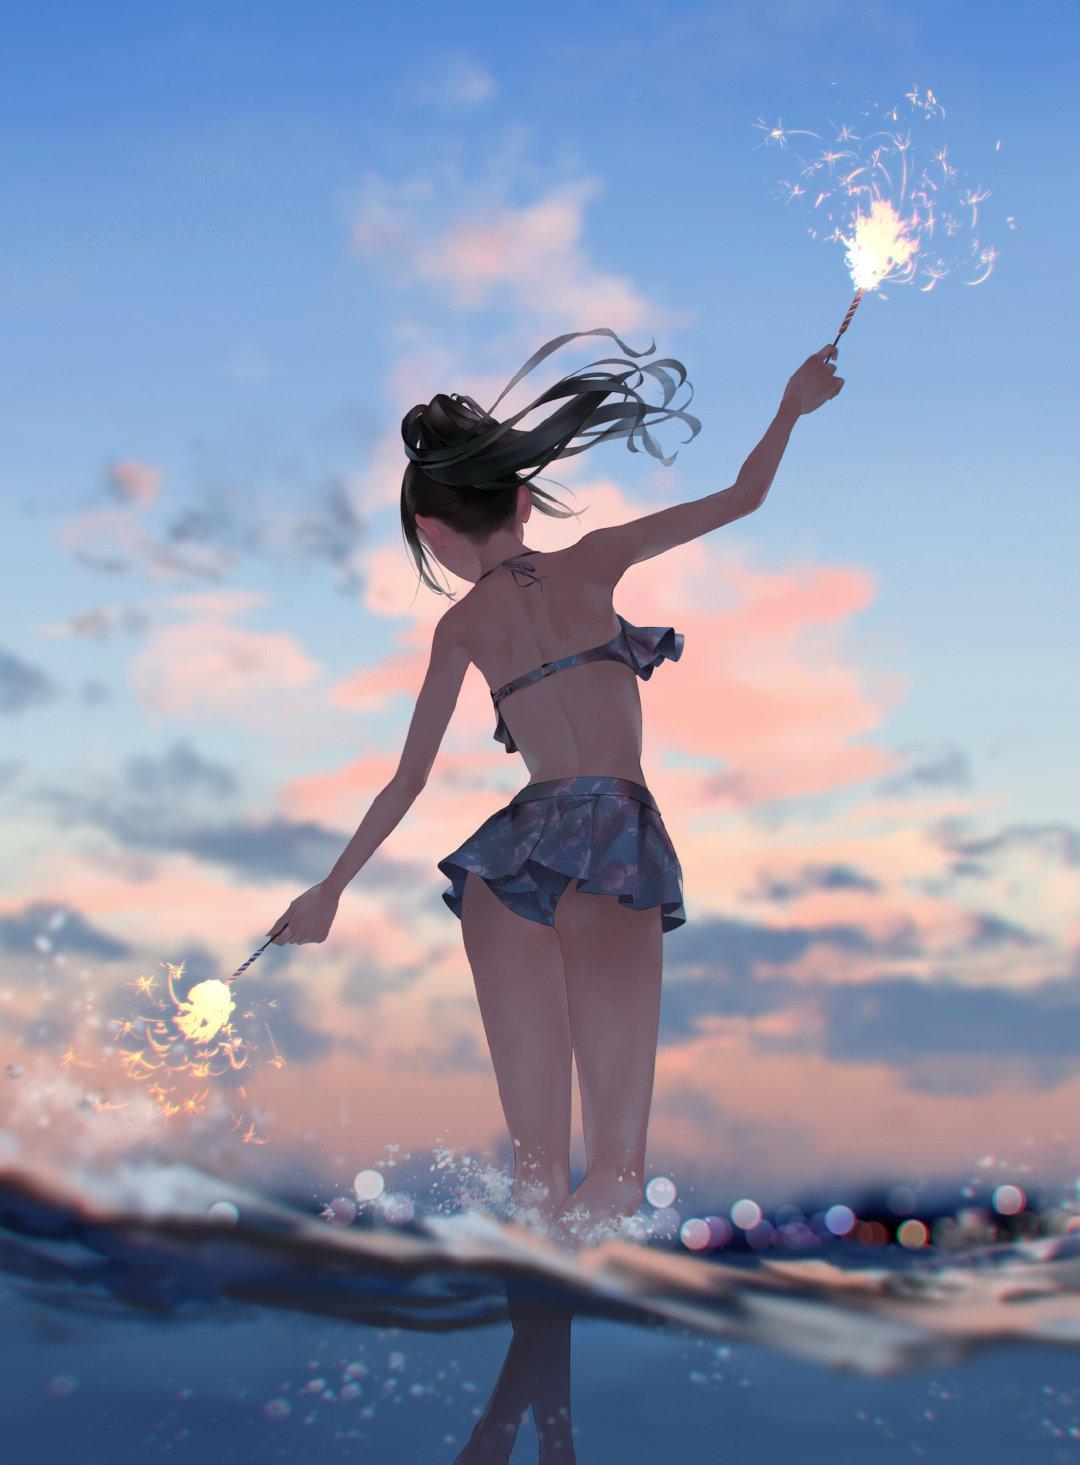 [P站画师] 日本画师爽々的插画作品,画风比较柔和 P站画师-第8张